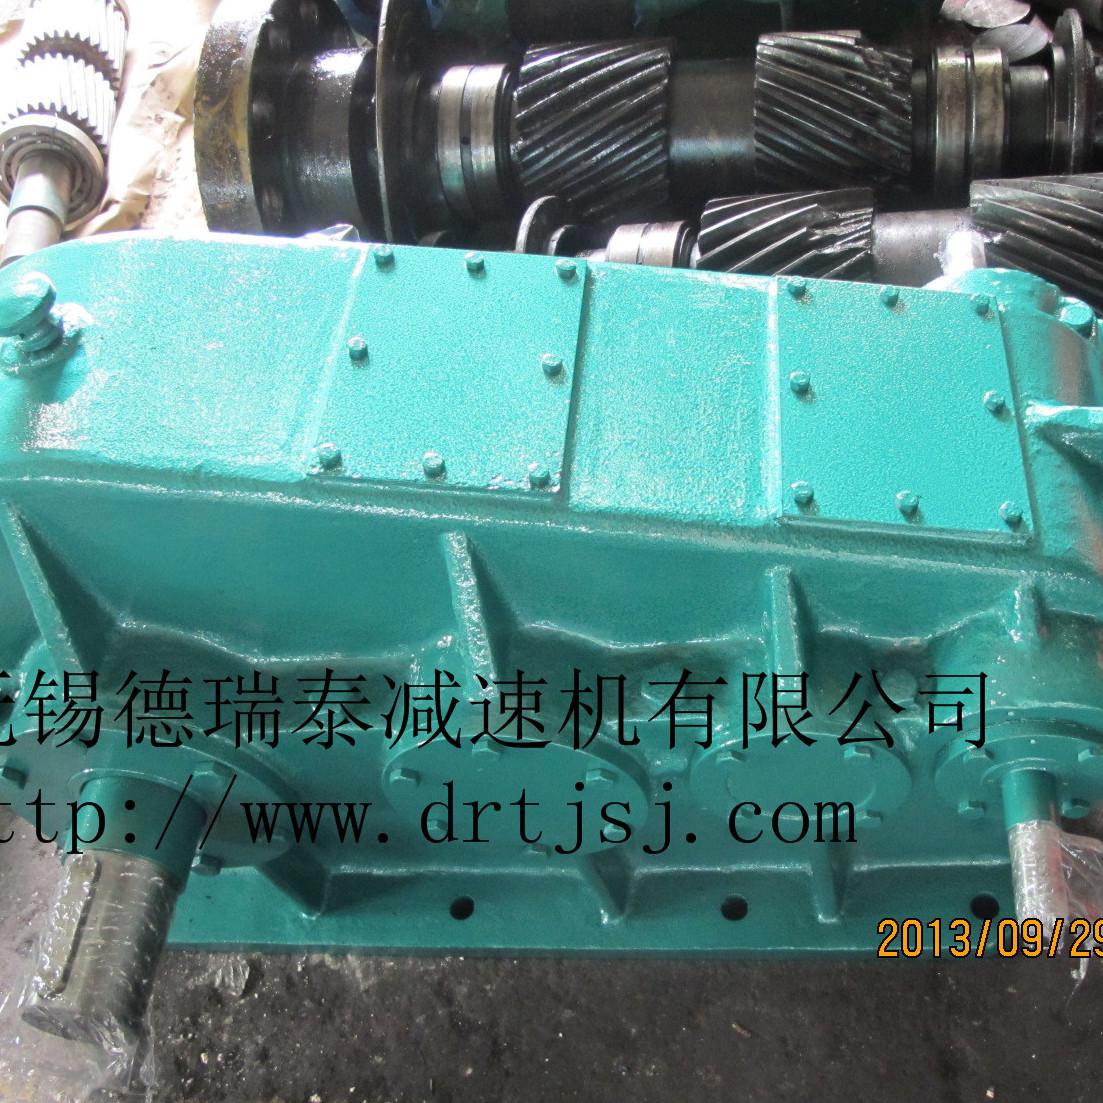 供应德瑞泰ZS减速机轧机减速机ZS65减速机现货供应